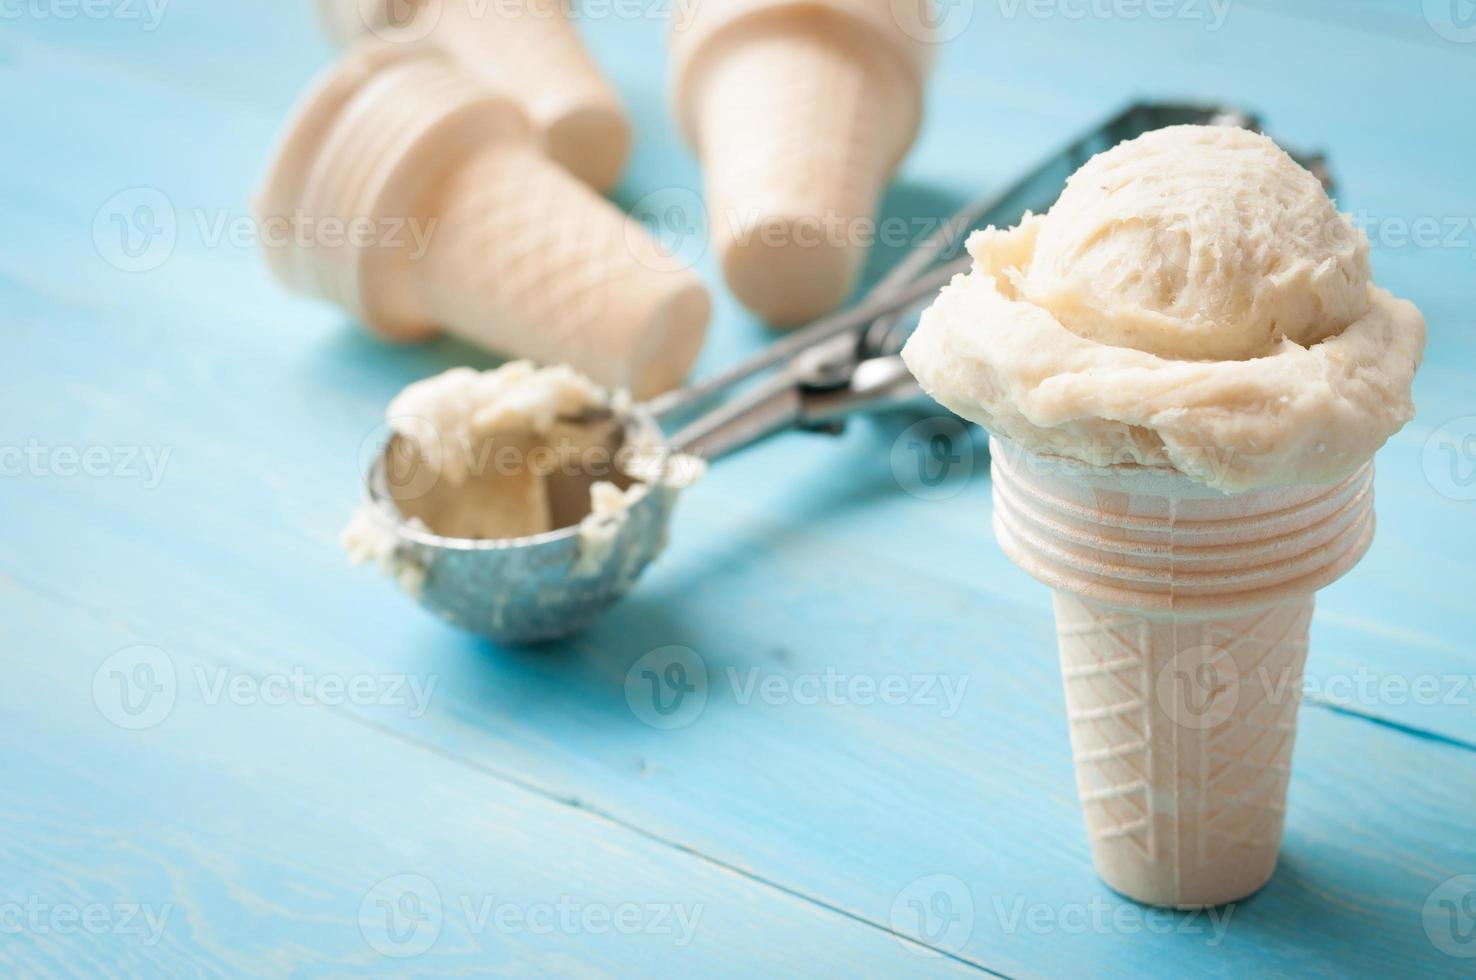 ingredienser för homemad glass foto